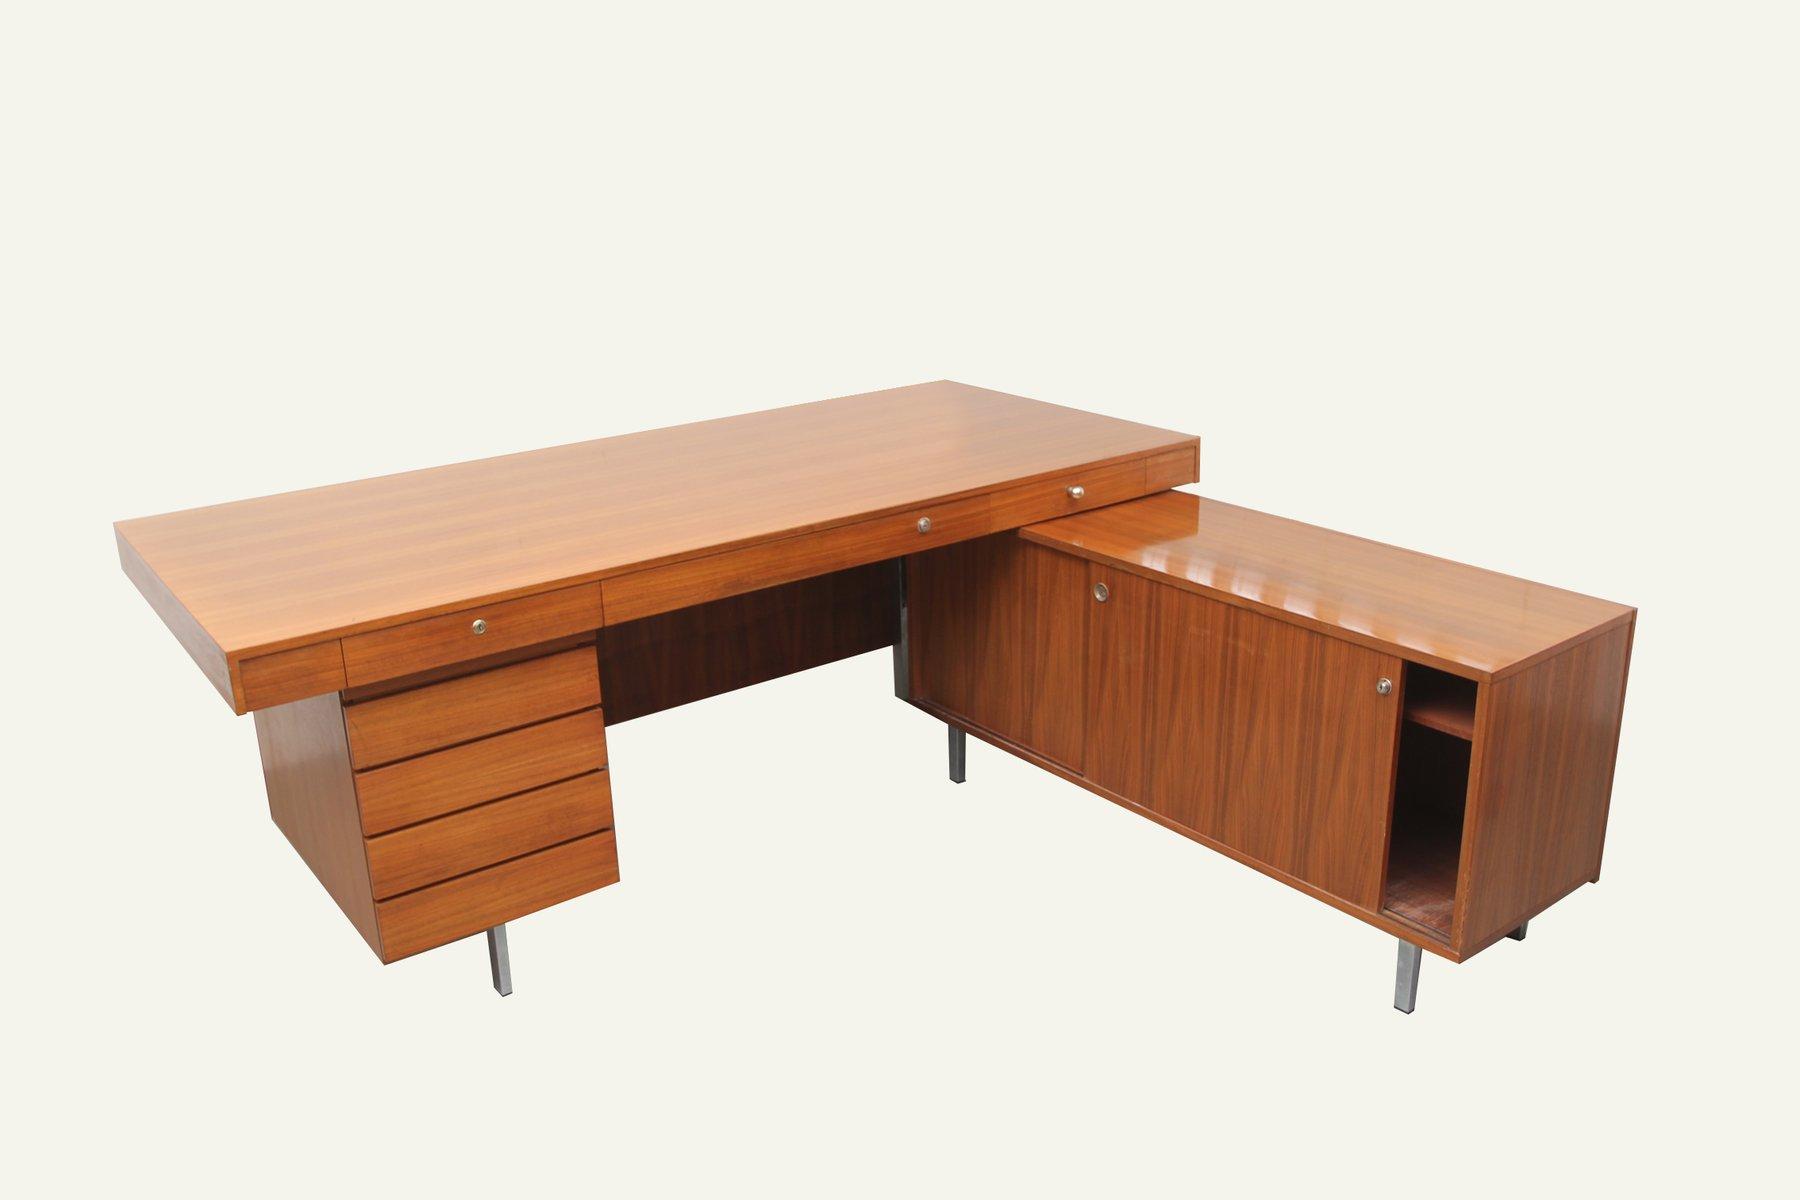 deutscher nussholz schreibtisch mit schrank bei pamono kaufen. Black Bedroom Furniture Sets. Home Design Ideas